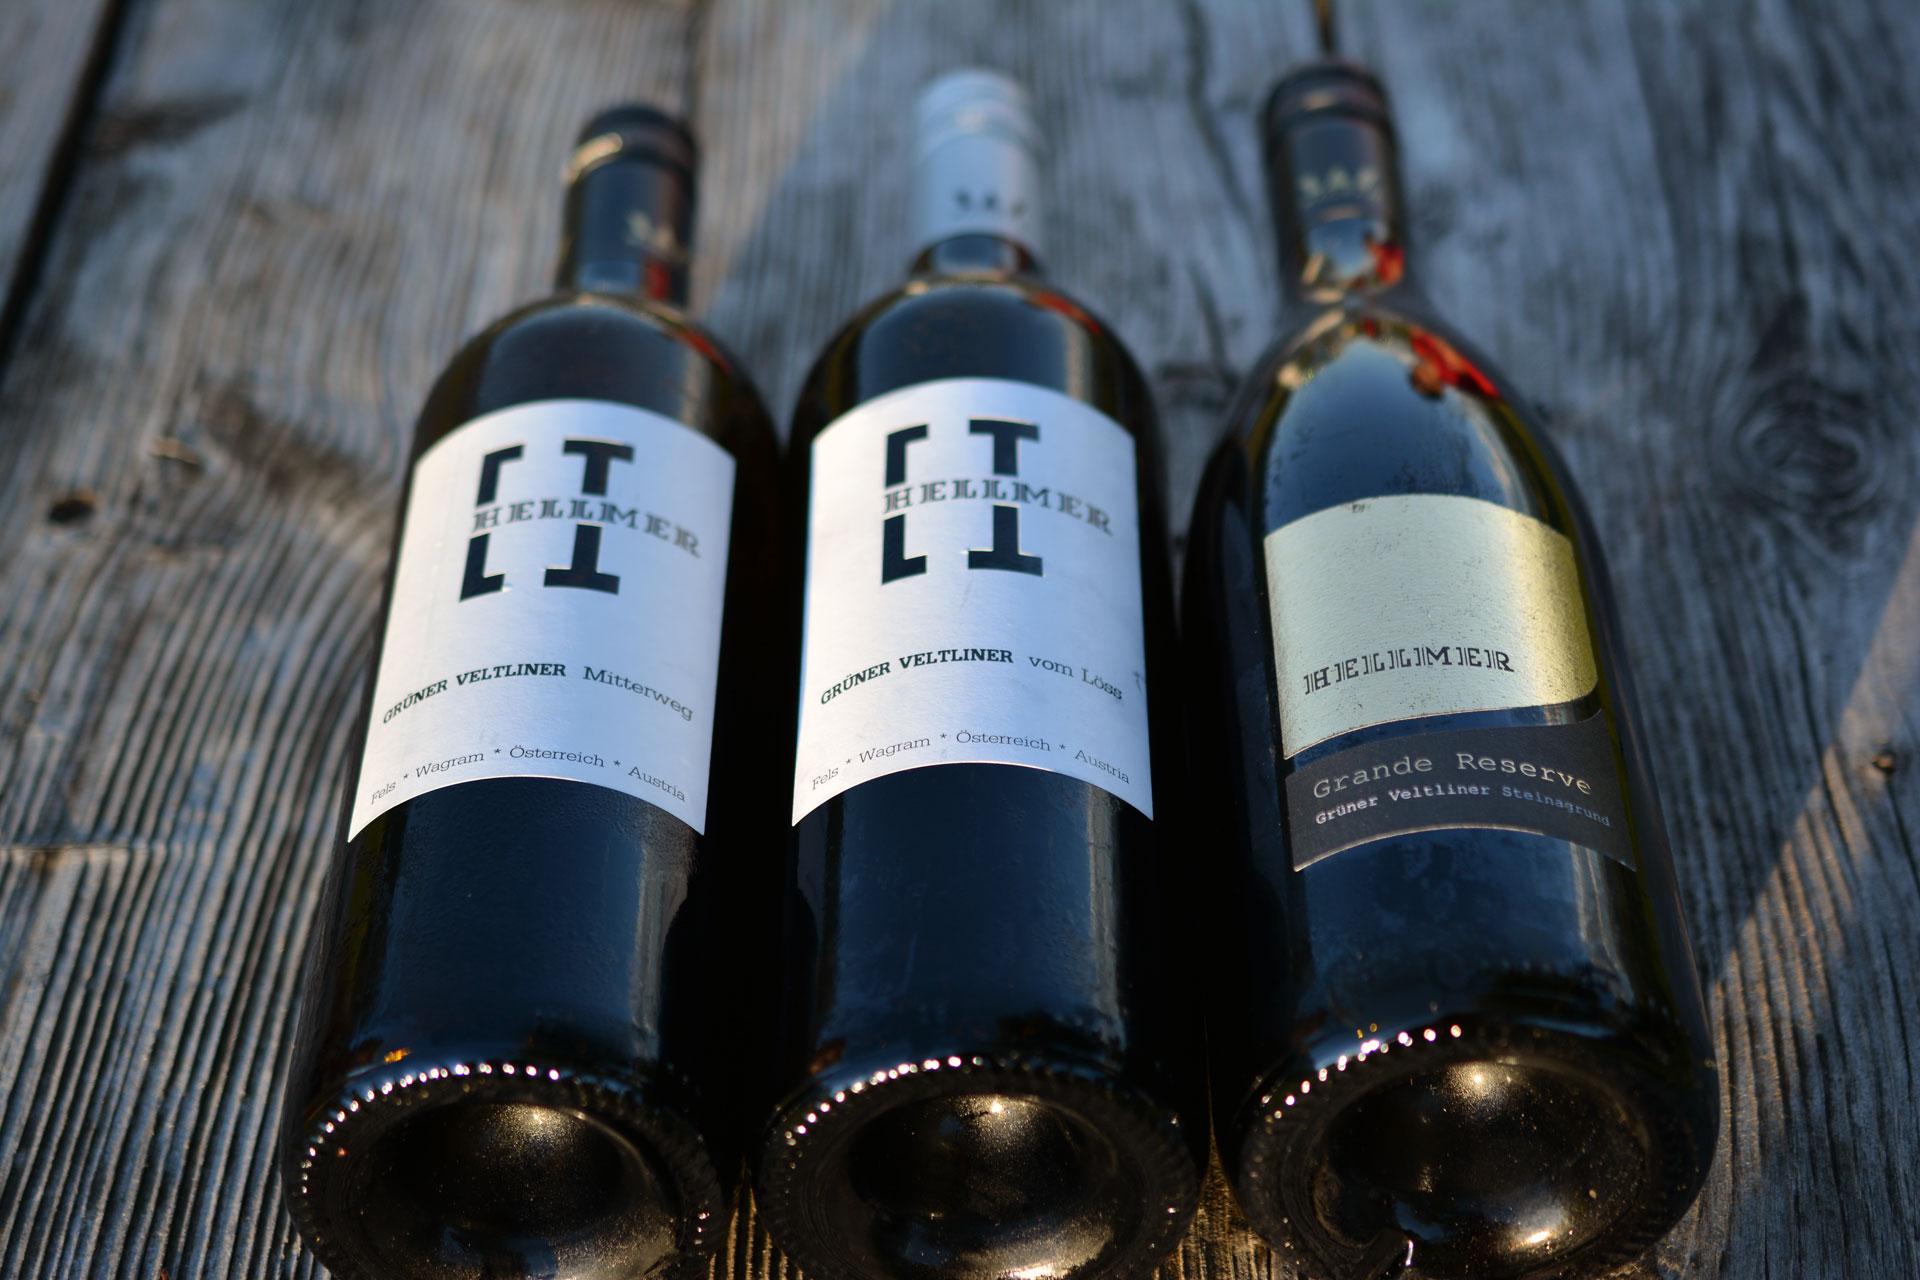 Weingut Hellmer - Grüne Veltliner